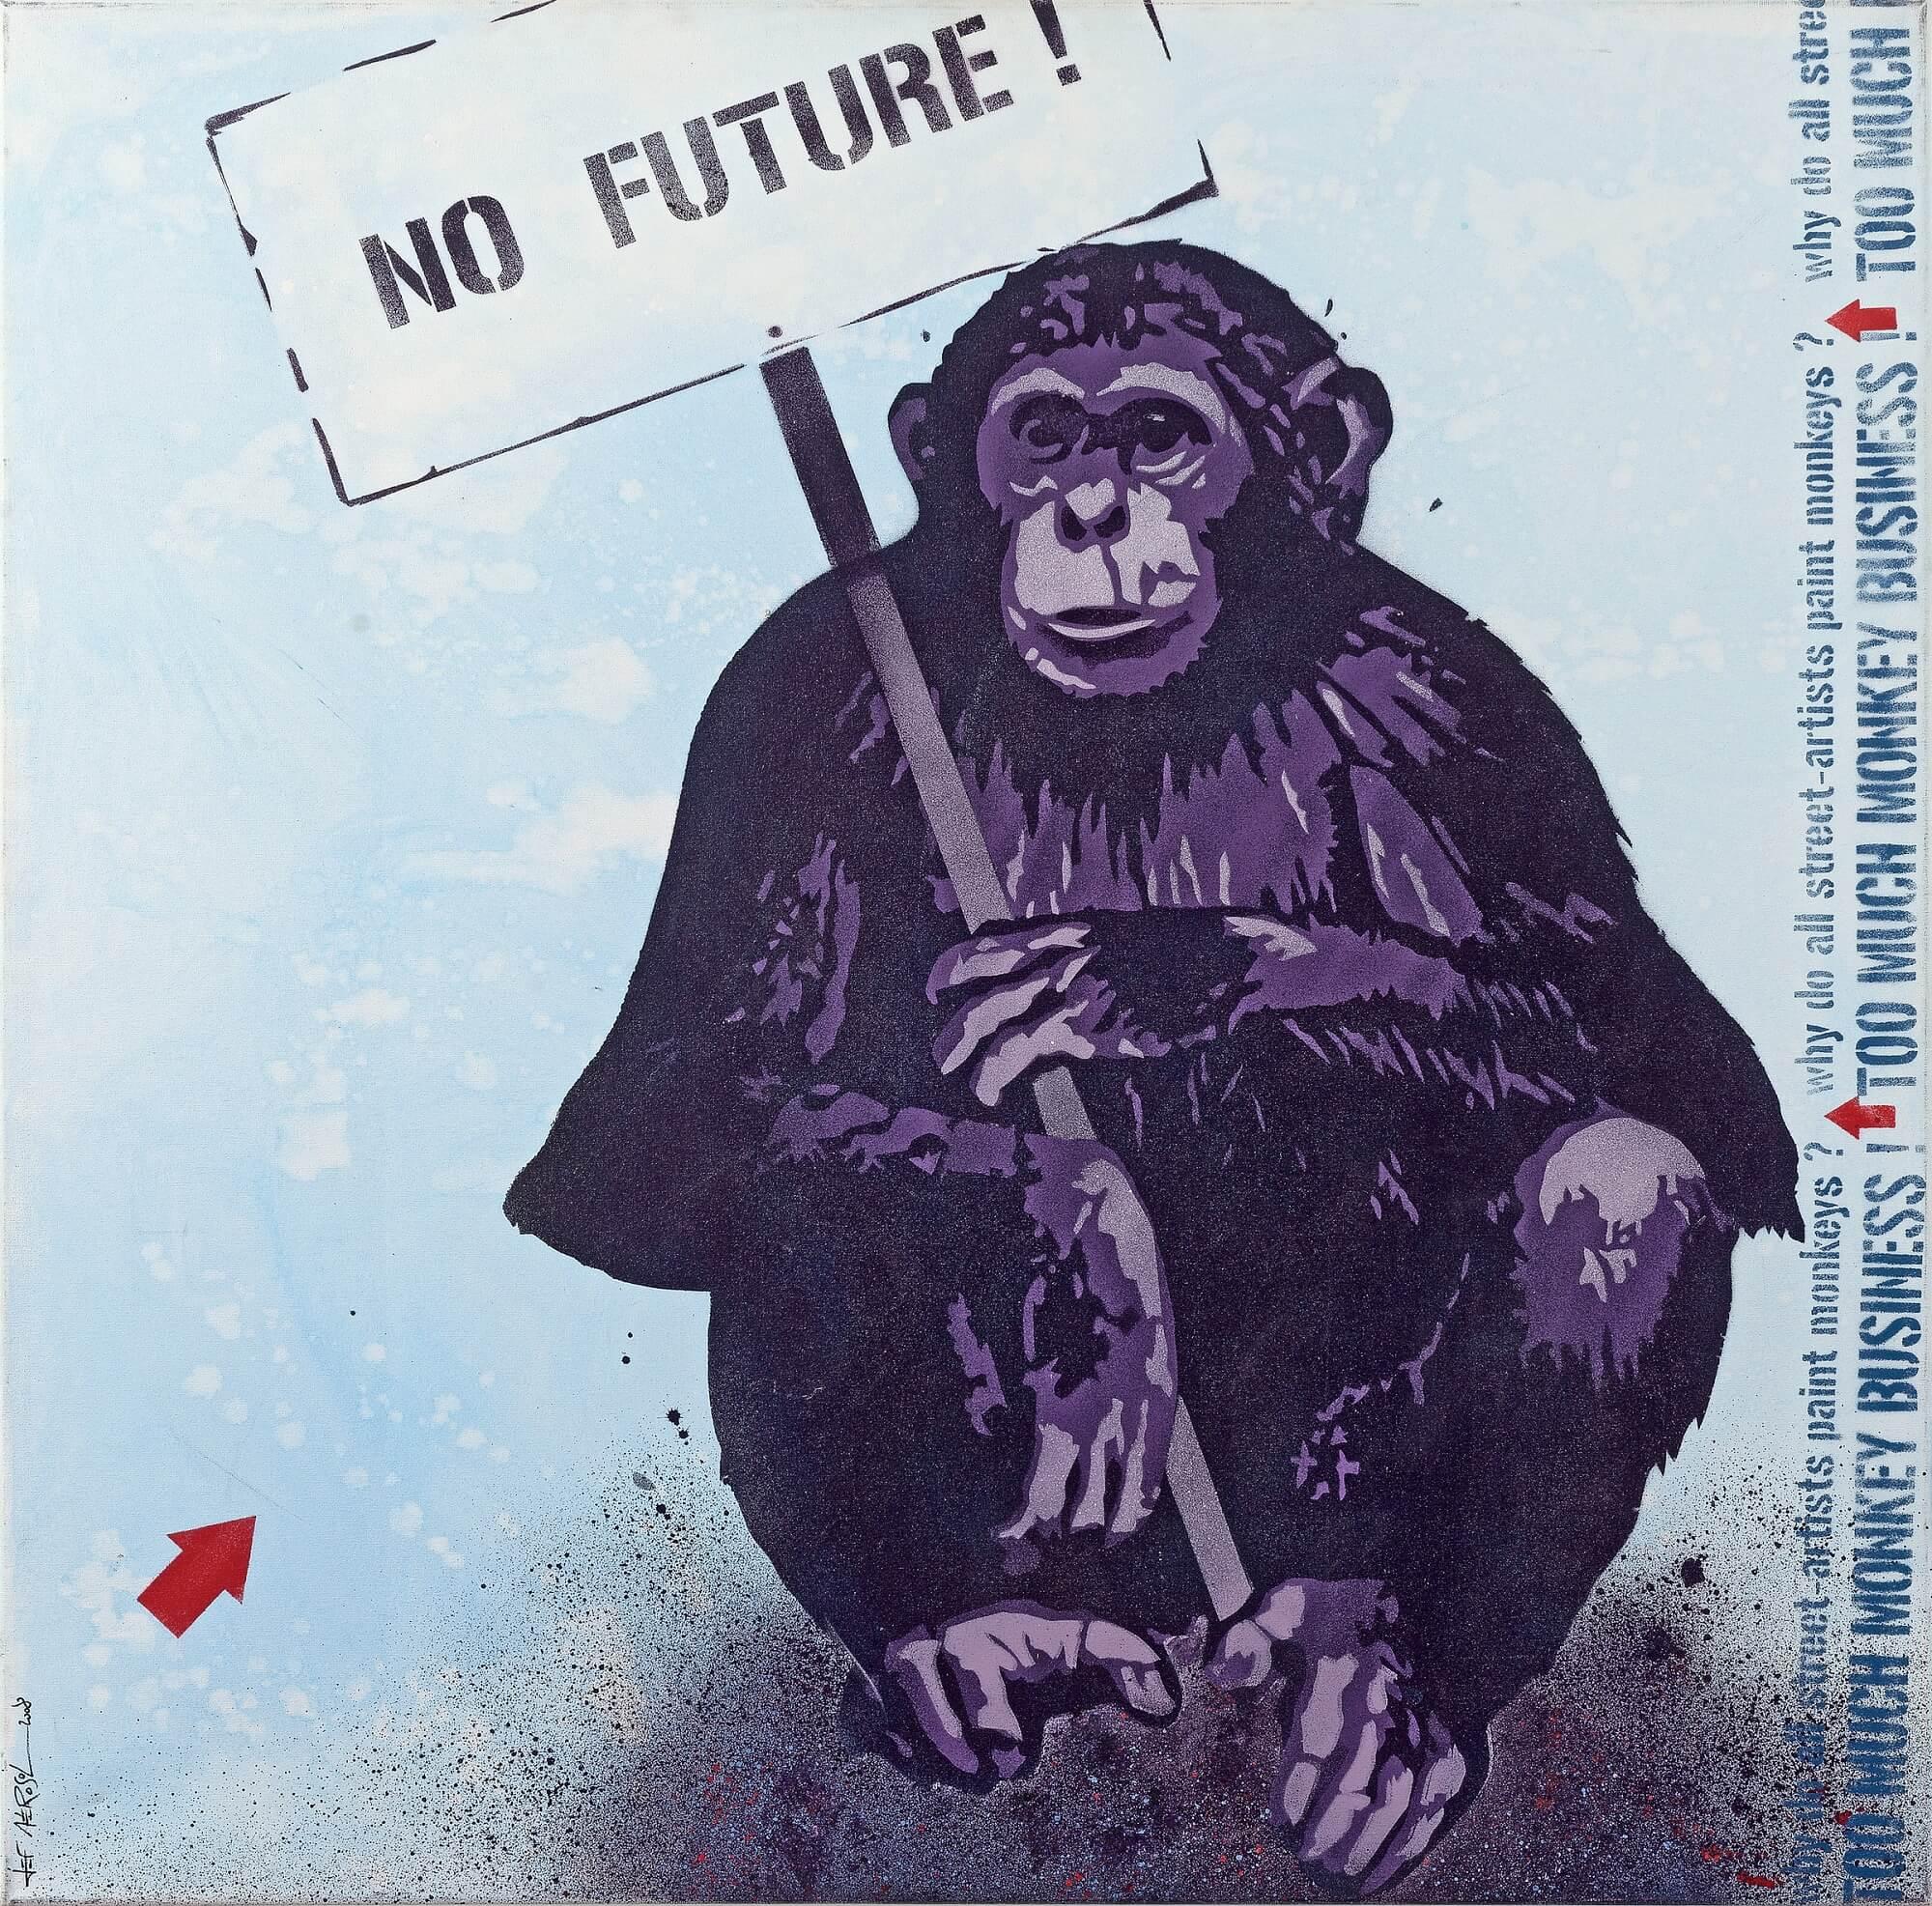 No future – 2008